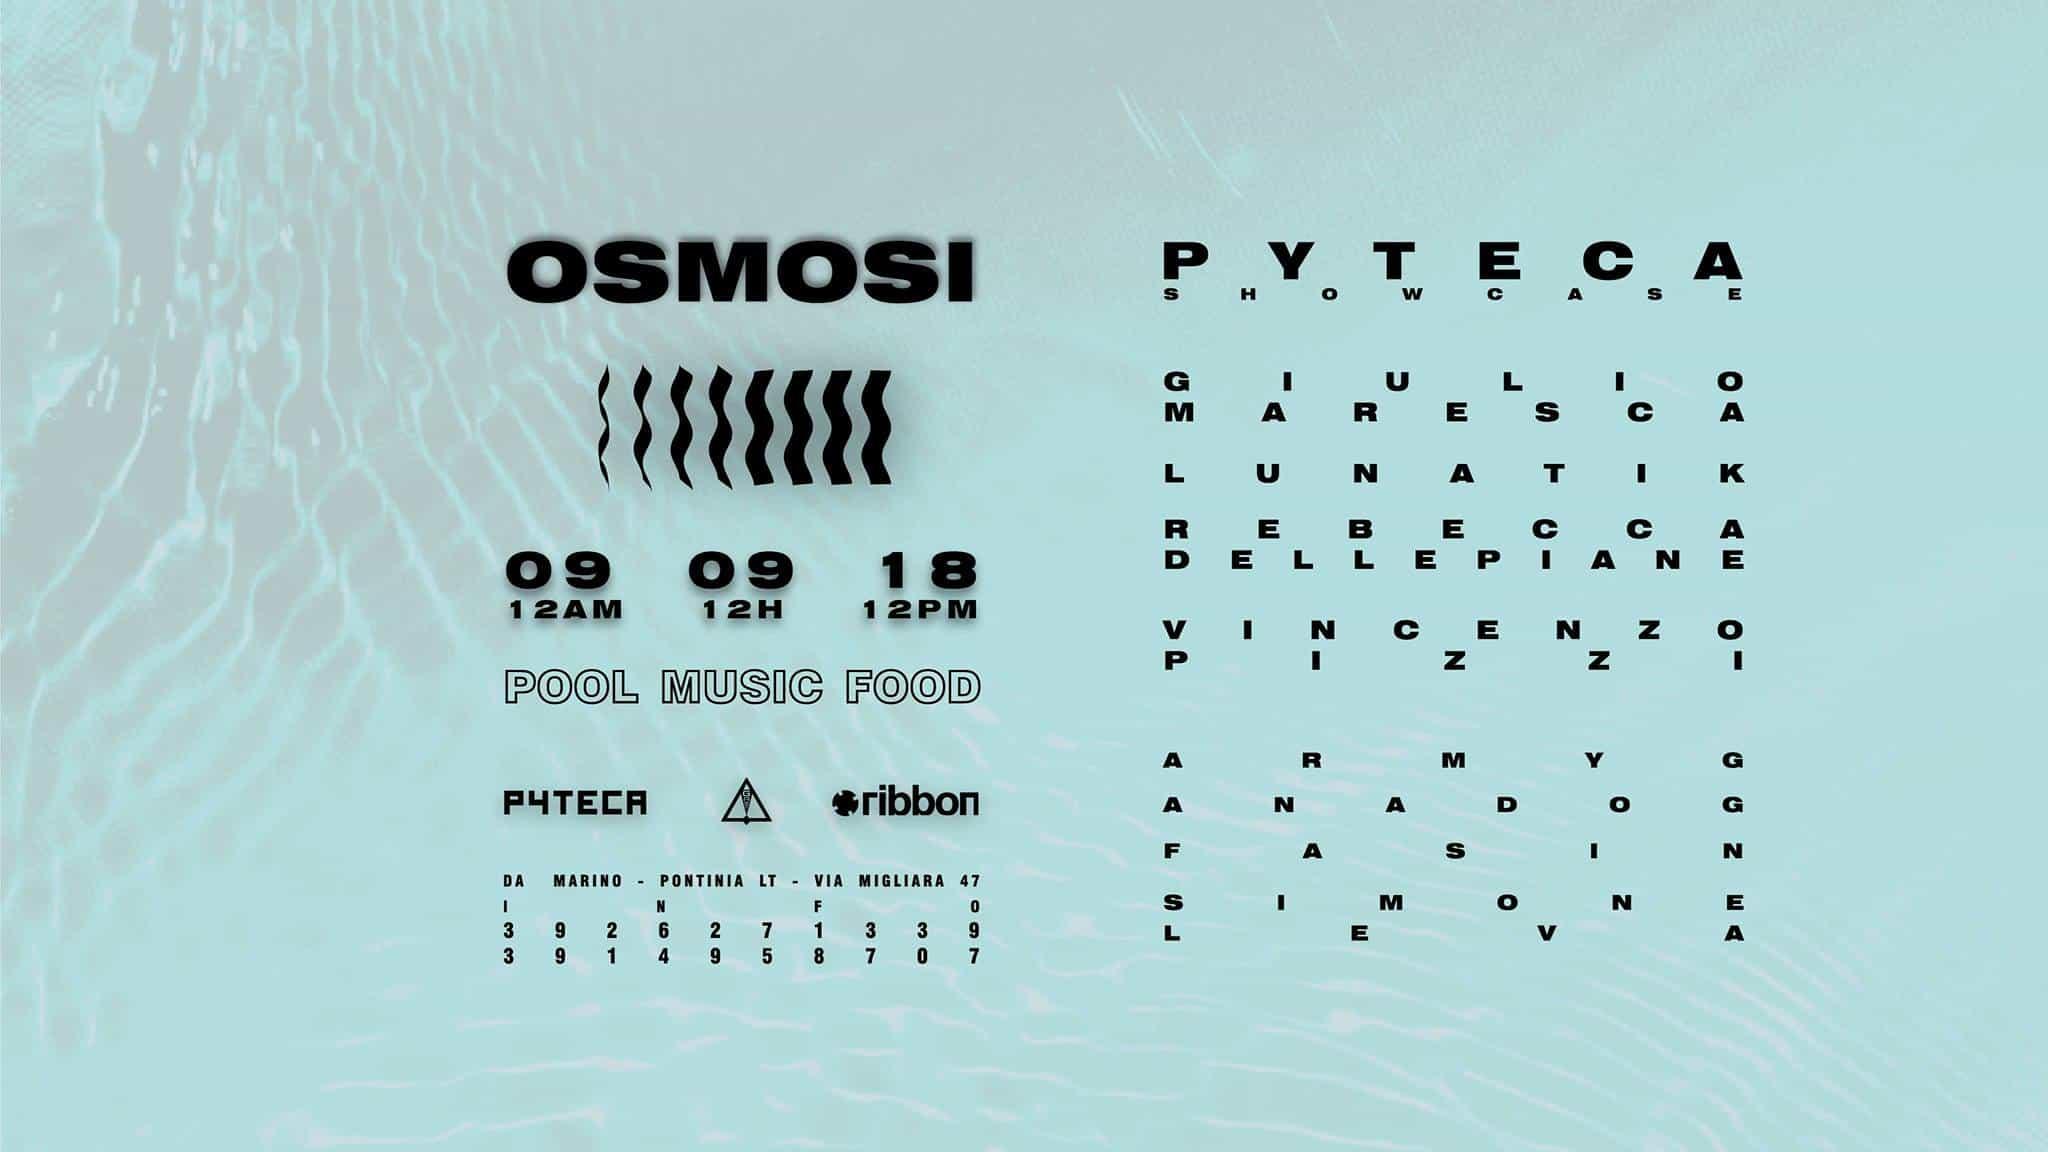 Osmosi Pyteca showcase